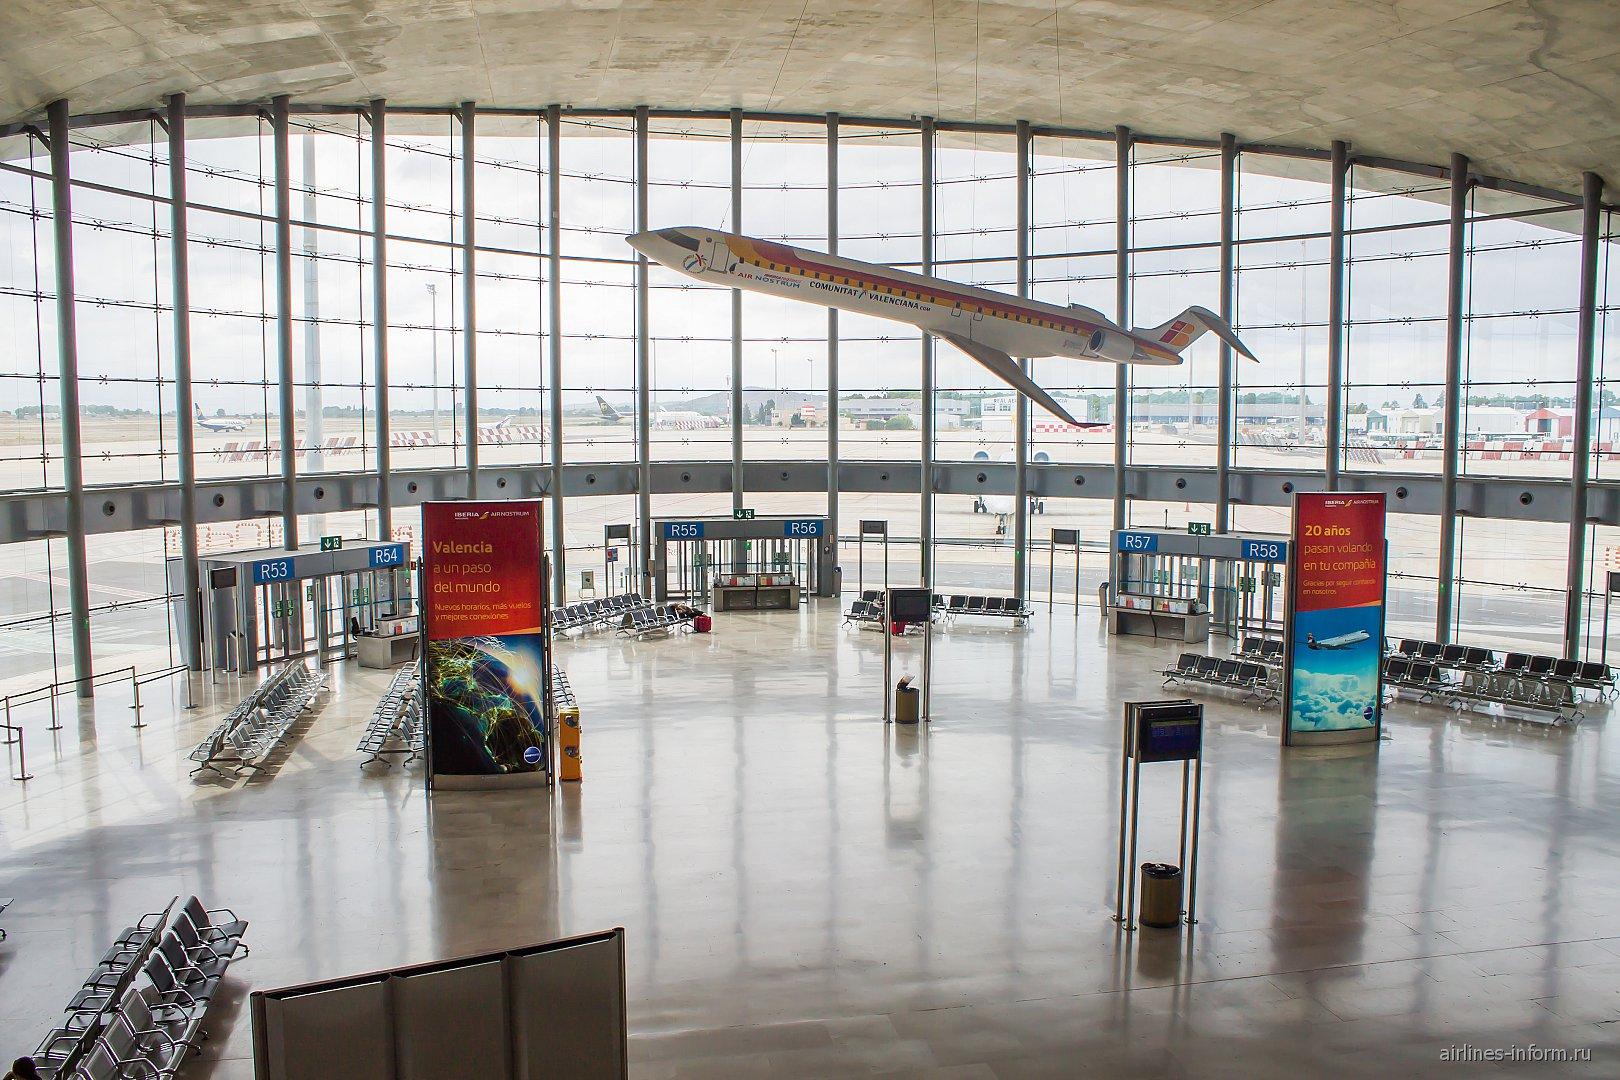 Зона выходов на посадку региональных рейсов в аэропорту Валенсия